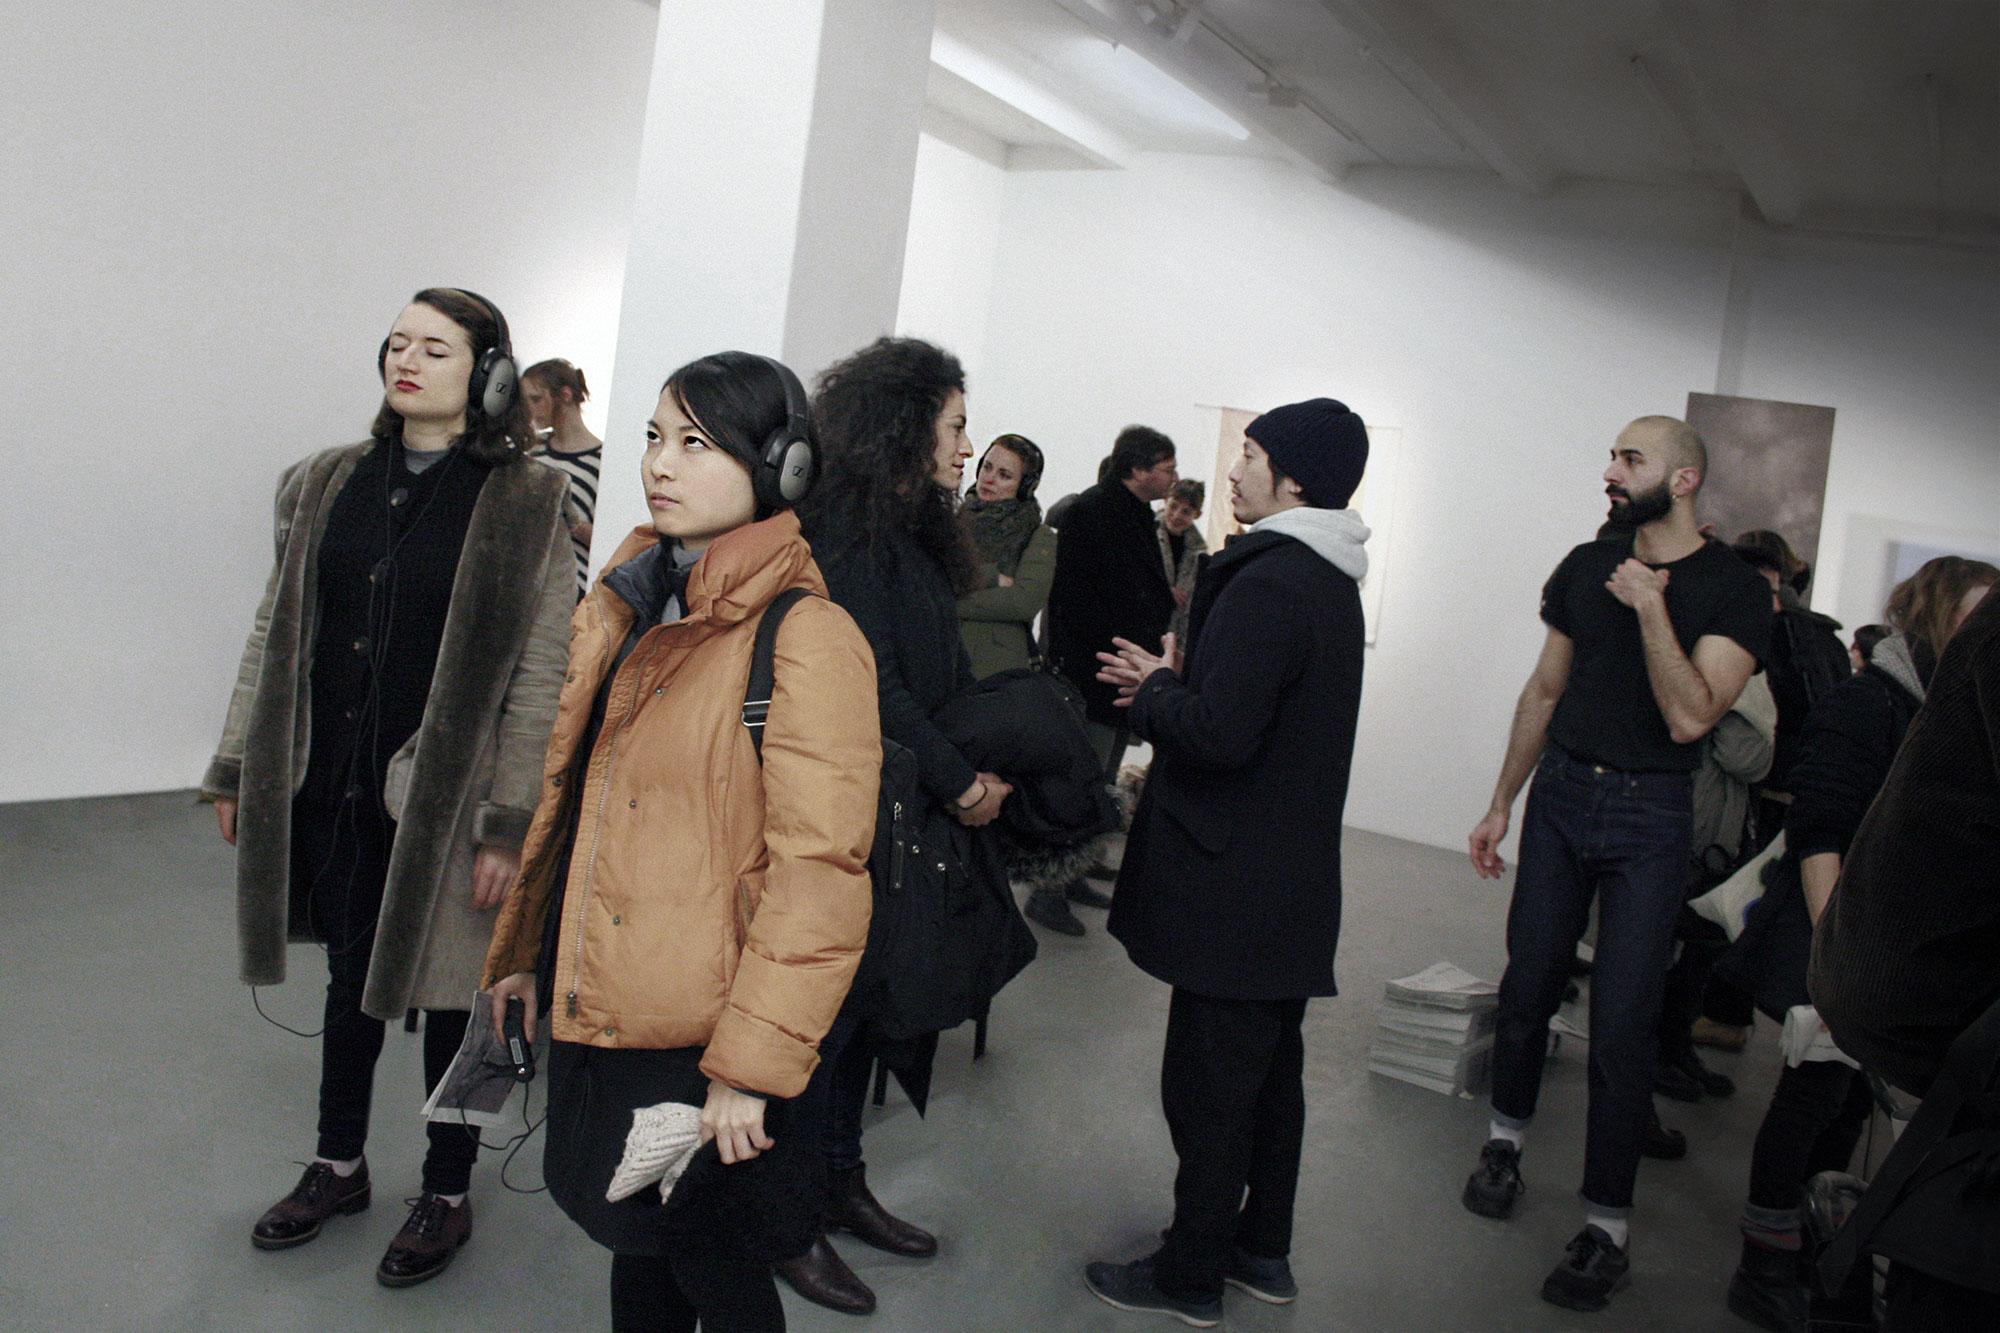 Kunst, NGBK Berlin, exhibition, Institut für Kunst im Kontext